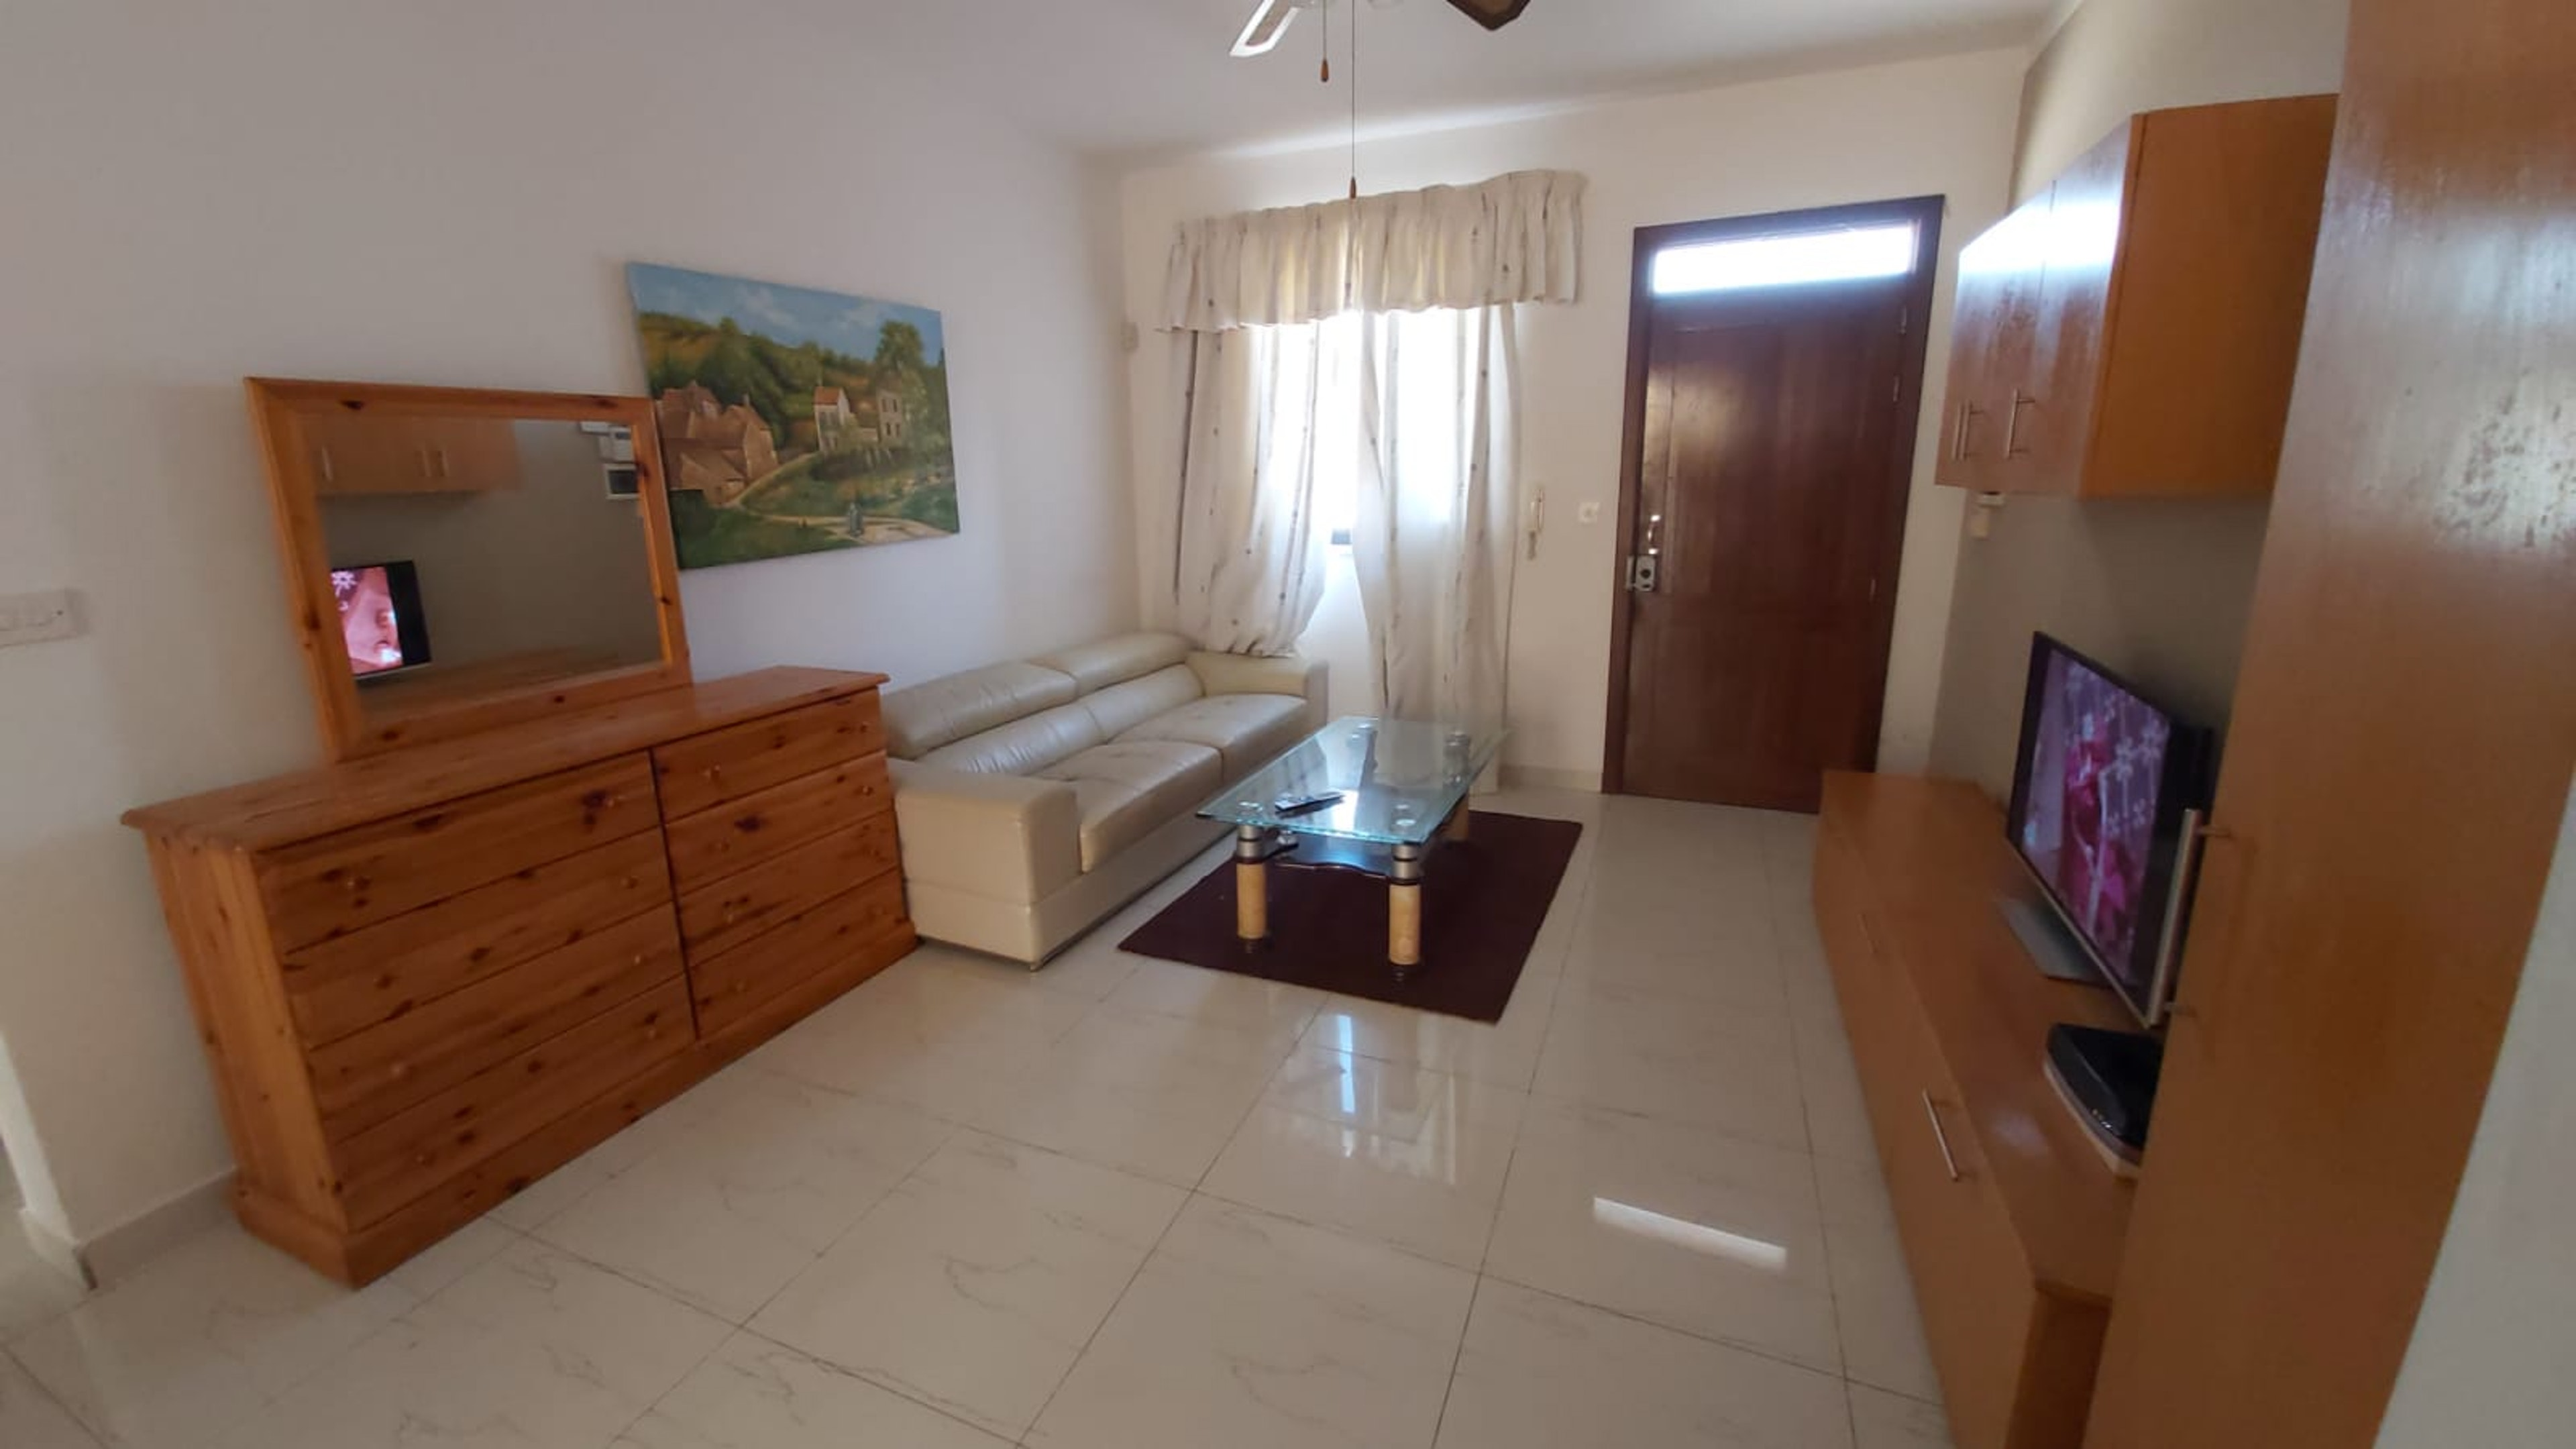 Wohnung mit 2 Schlafzimmern in Is-Swieqi mit toller Aussicht auf die Berge, Terrasse und W-LAN